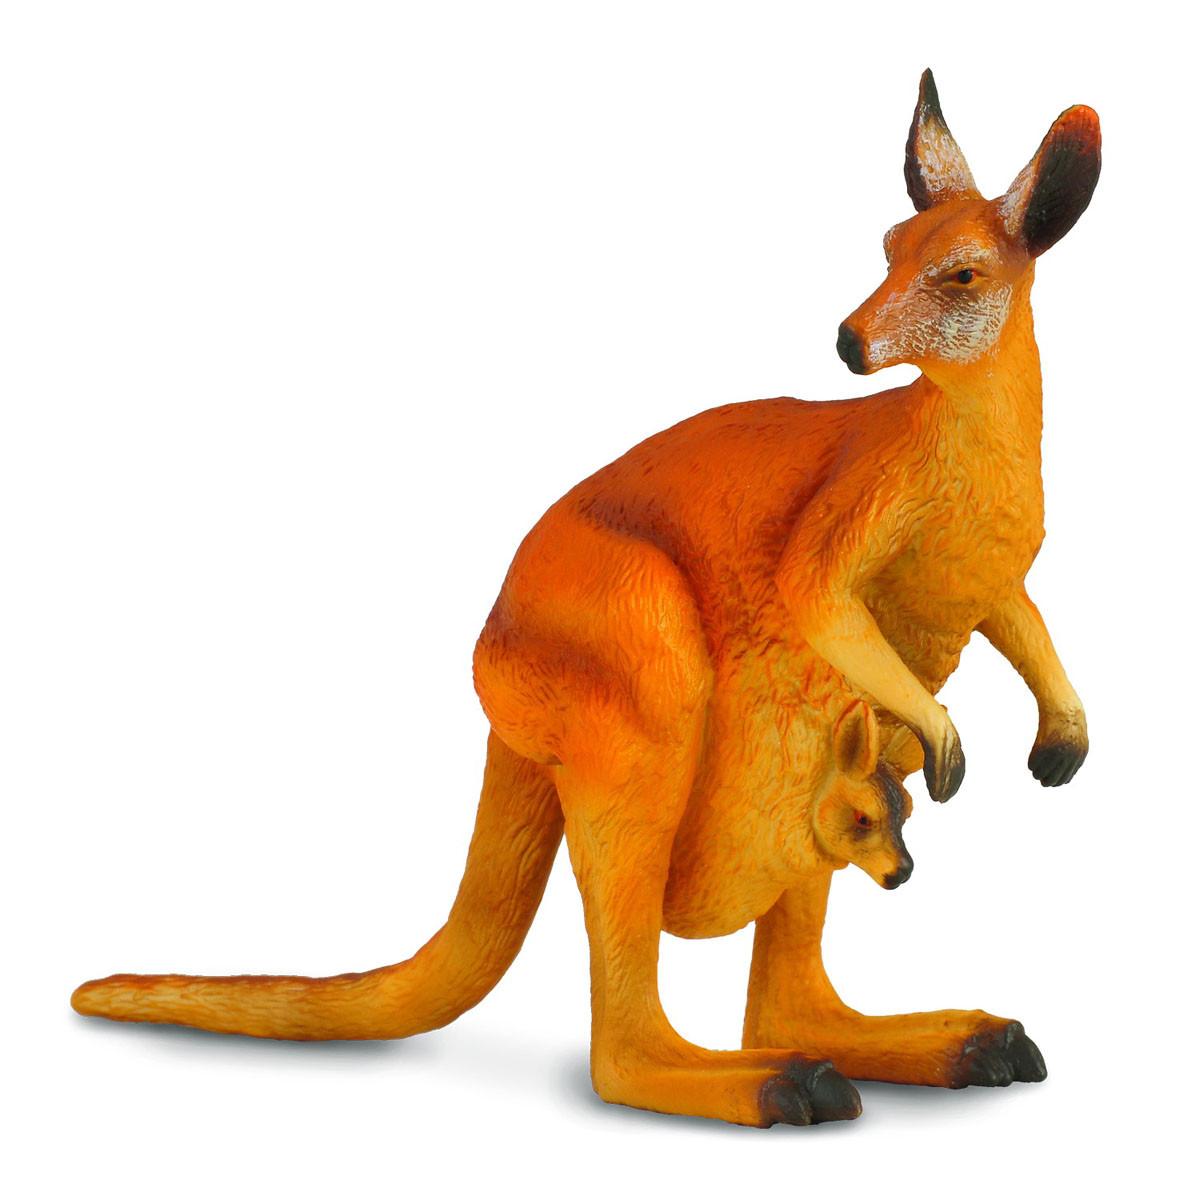 Collecta Фигурка Большой рыжий кенгуру, высота 13 см